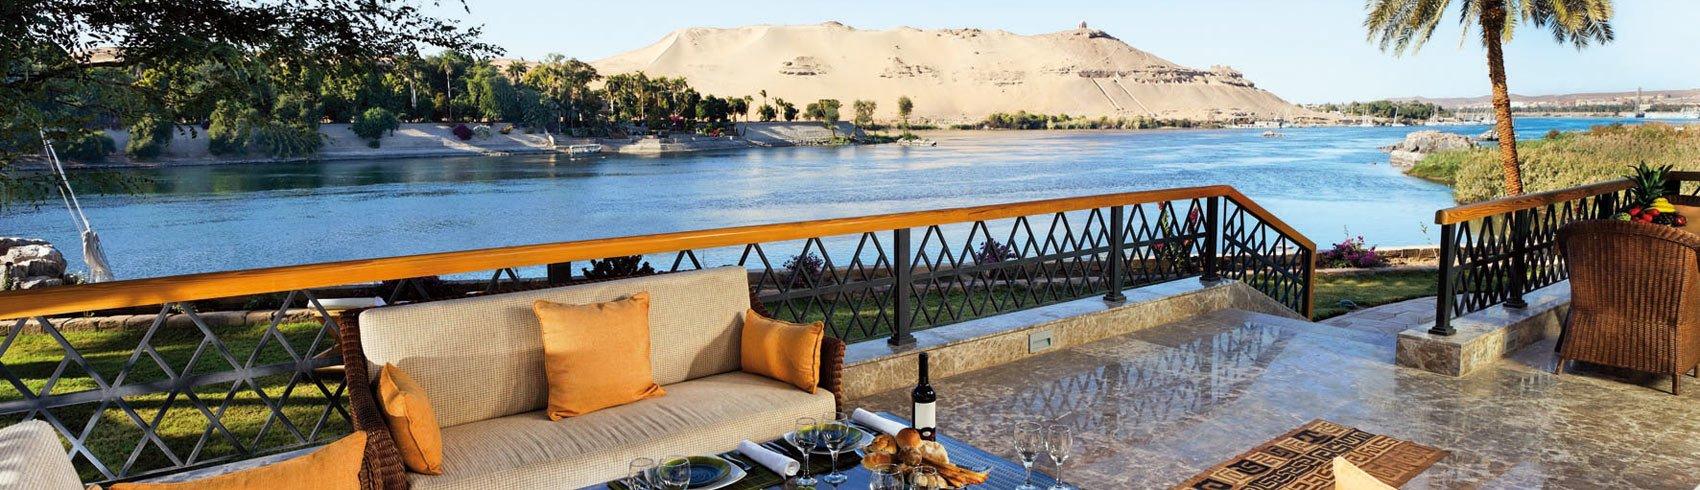 Reserva oferta de viaje o vacaciones en Hotel MOVENPICK RESORT ASWAN